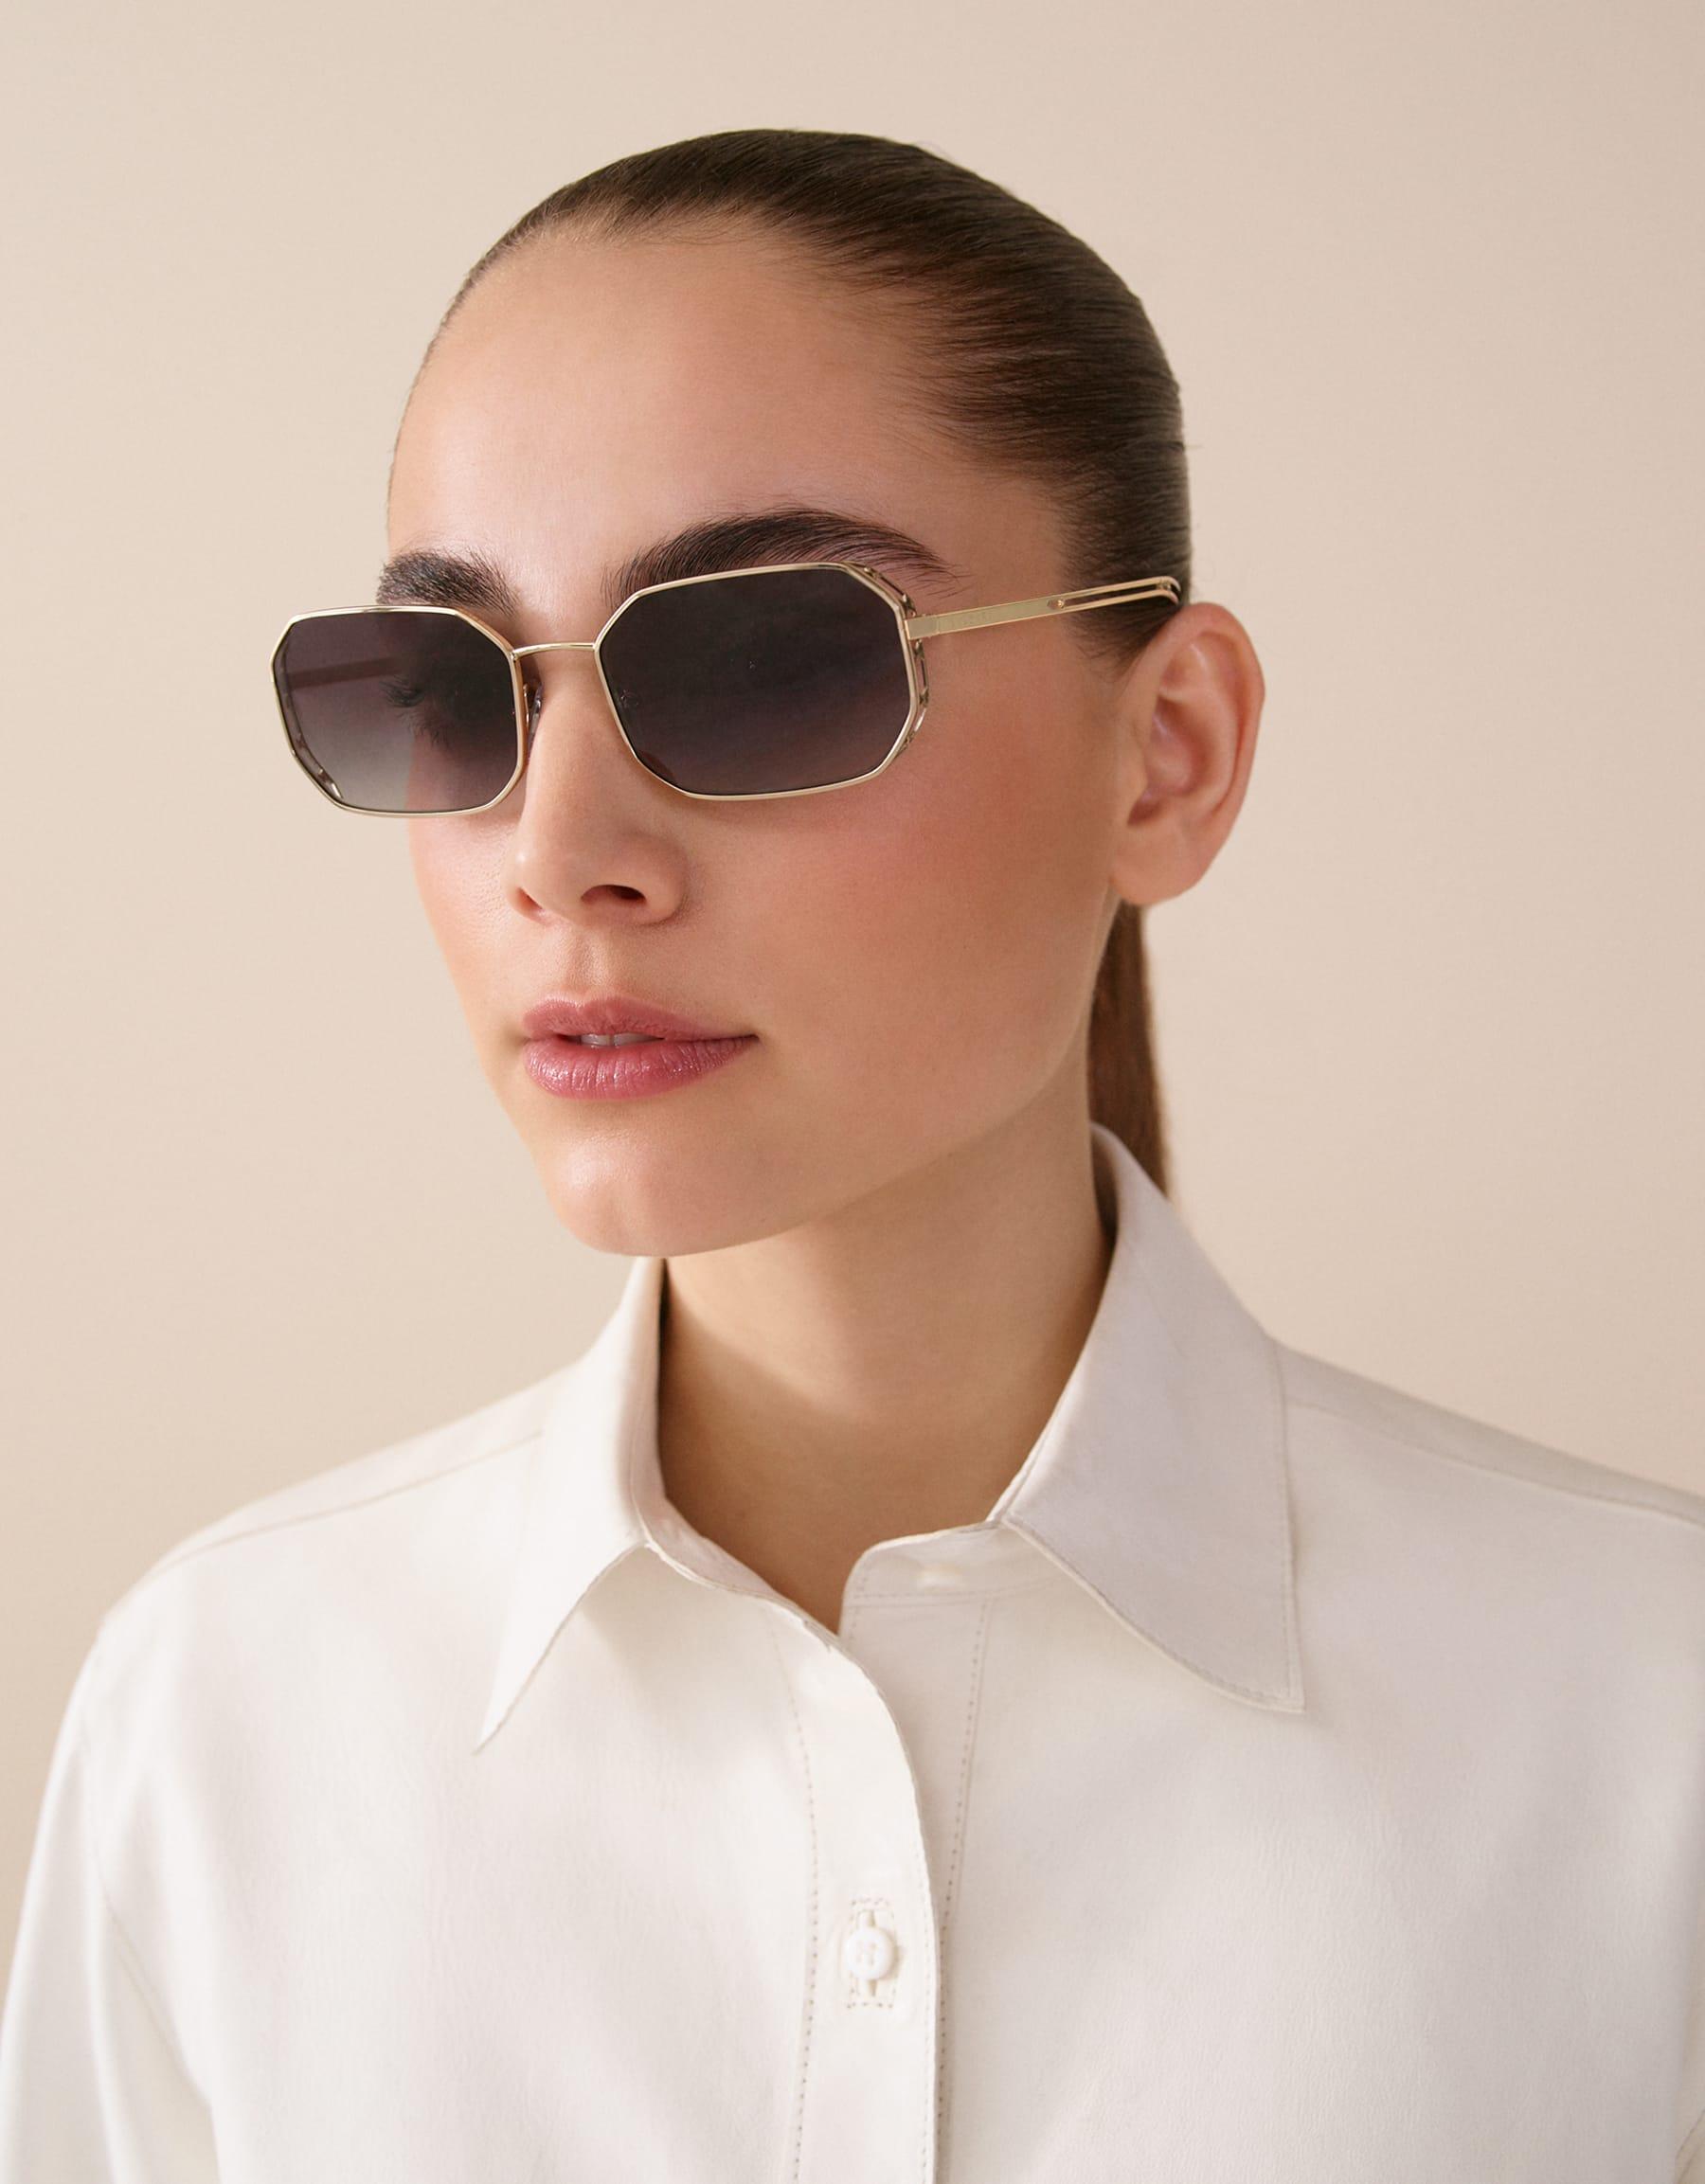 Bvlgari Serpenti Narrowmation rectangular metal aviator sunglasses. 903859 image 3